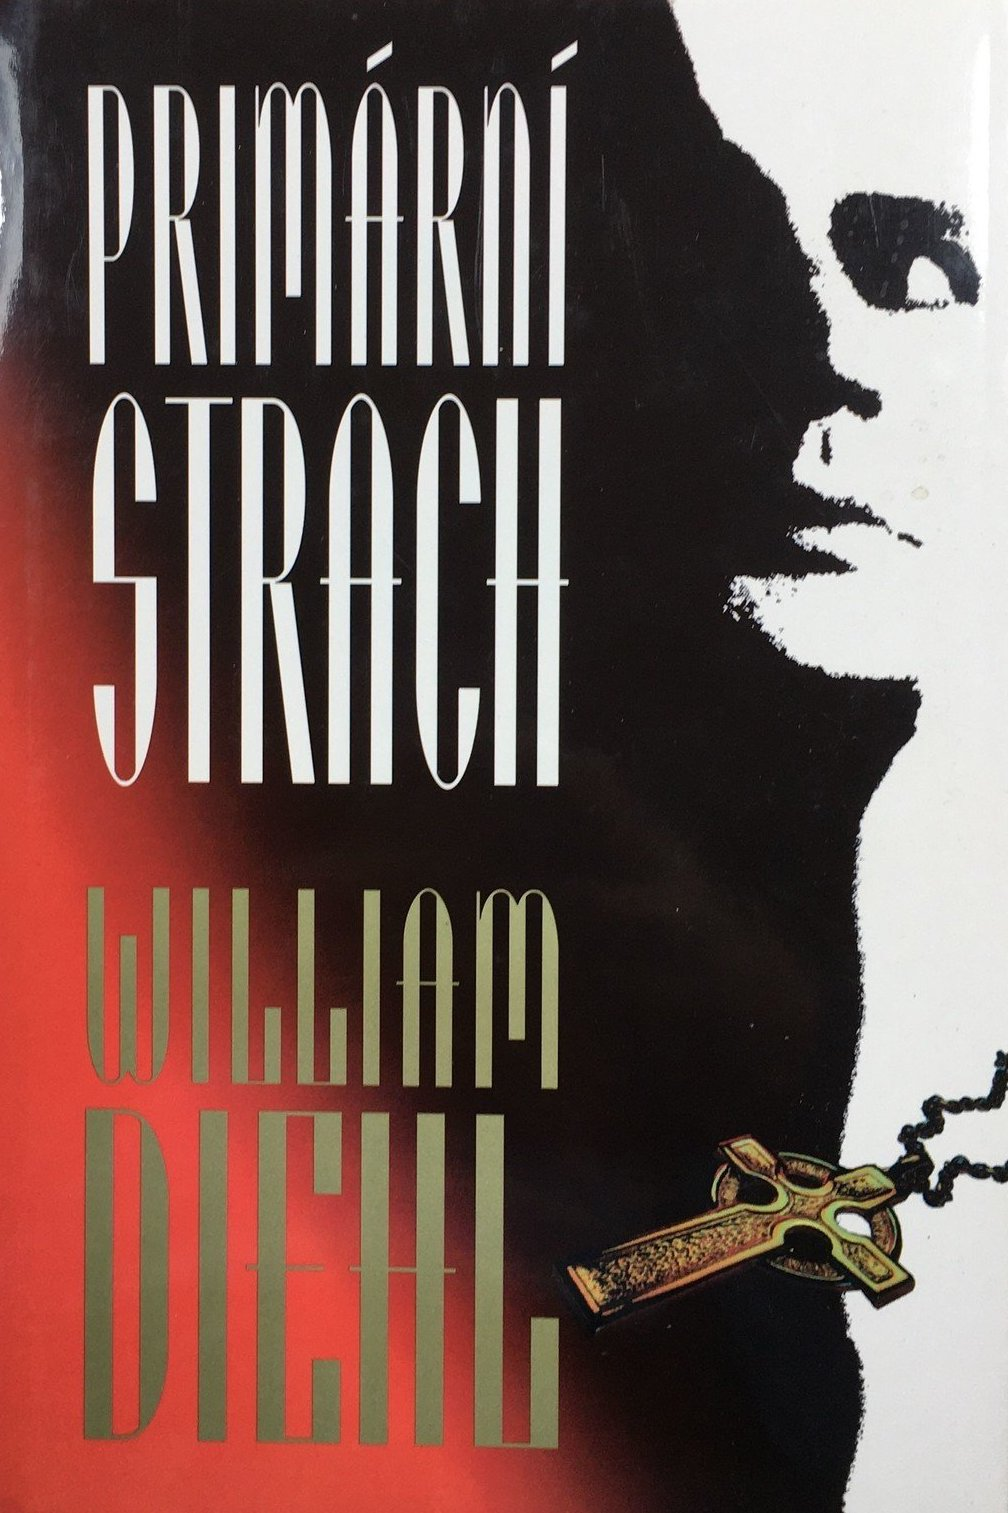 Primární strach - William Diehl